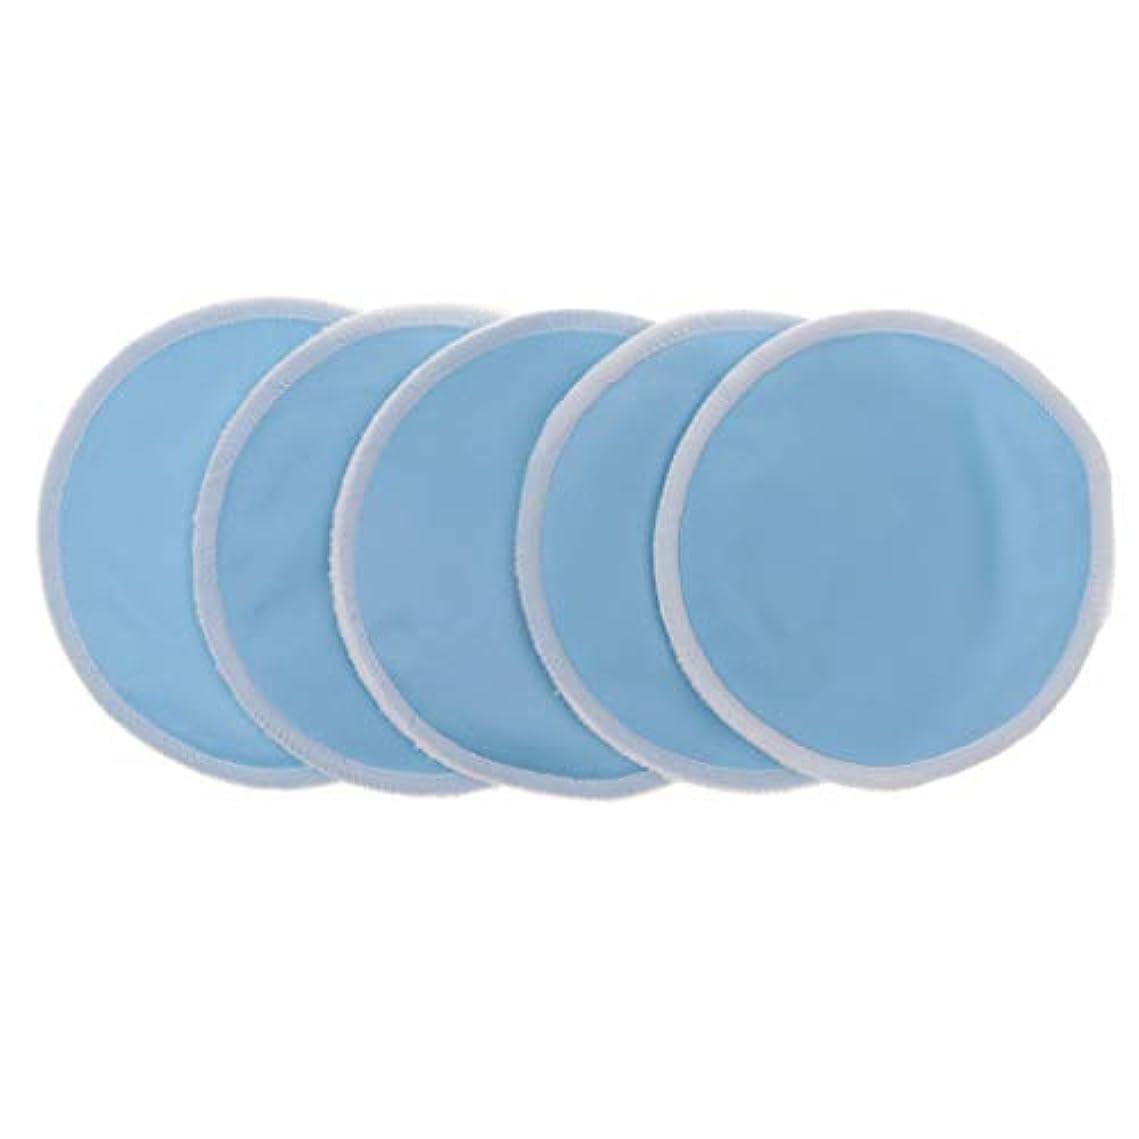 考古学的な消化両方D DOLITY 全5色 胸パッド クレンジングシート メイクアップ 竹繊維 12cm 洗える 再使用可 実用的 5個入 - 青